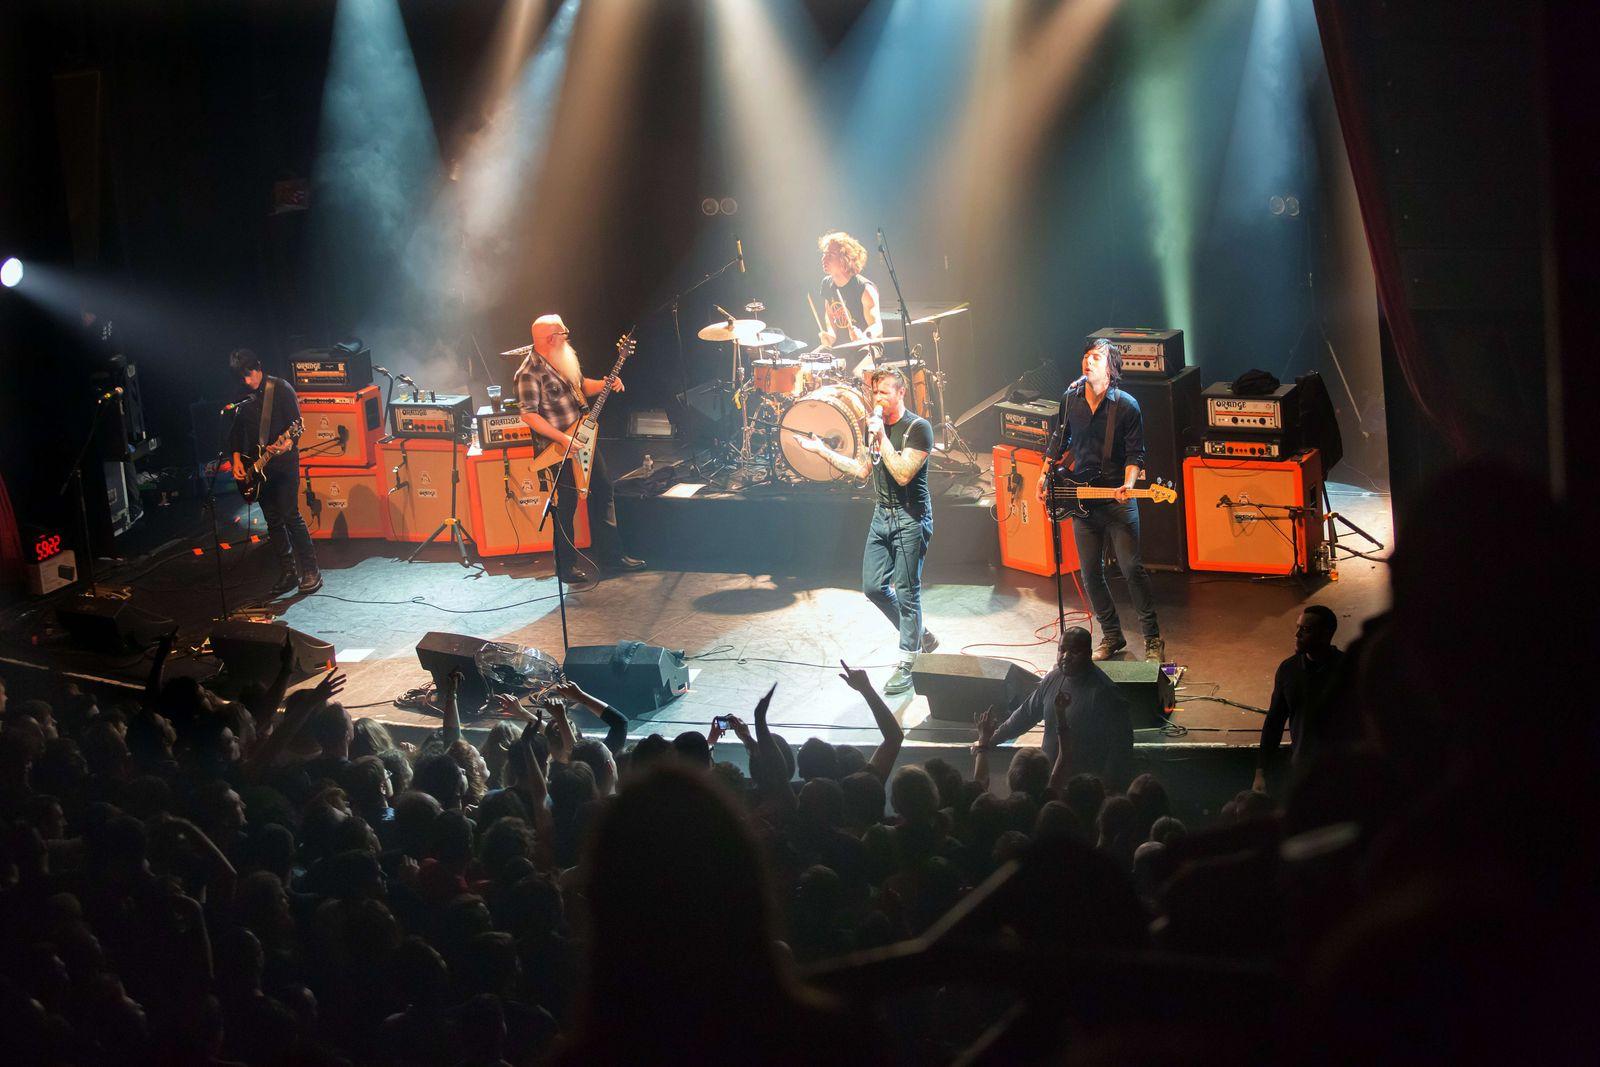 Frankreich/ Paris/ Terroranschlag/ Eagles of Death Metal